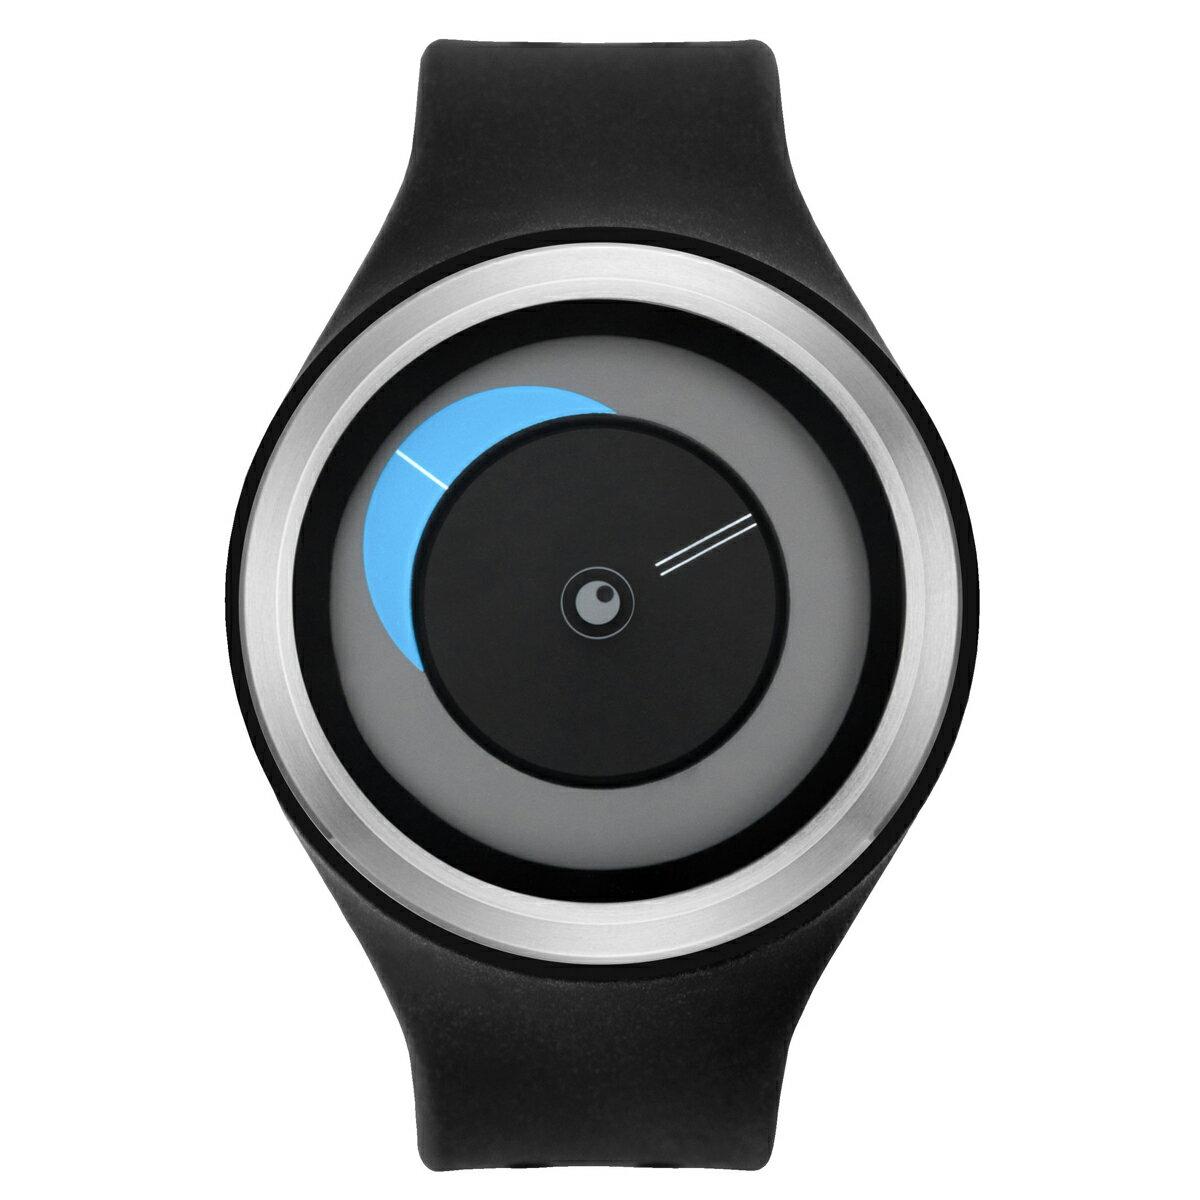 ZEROO CRESCENT MOON ゼロ 電池式クォーツ 腕時計 [W01101B01SR02] ブラック デザインウォッチ ペア用 メンズ レディース ユニセックス おしゃれ時計 デザイナーズ